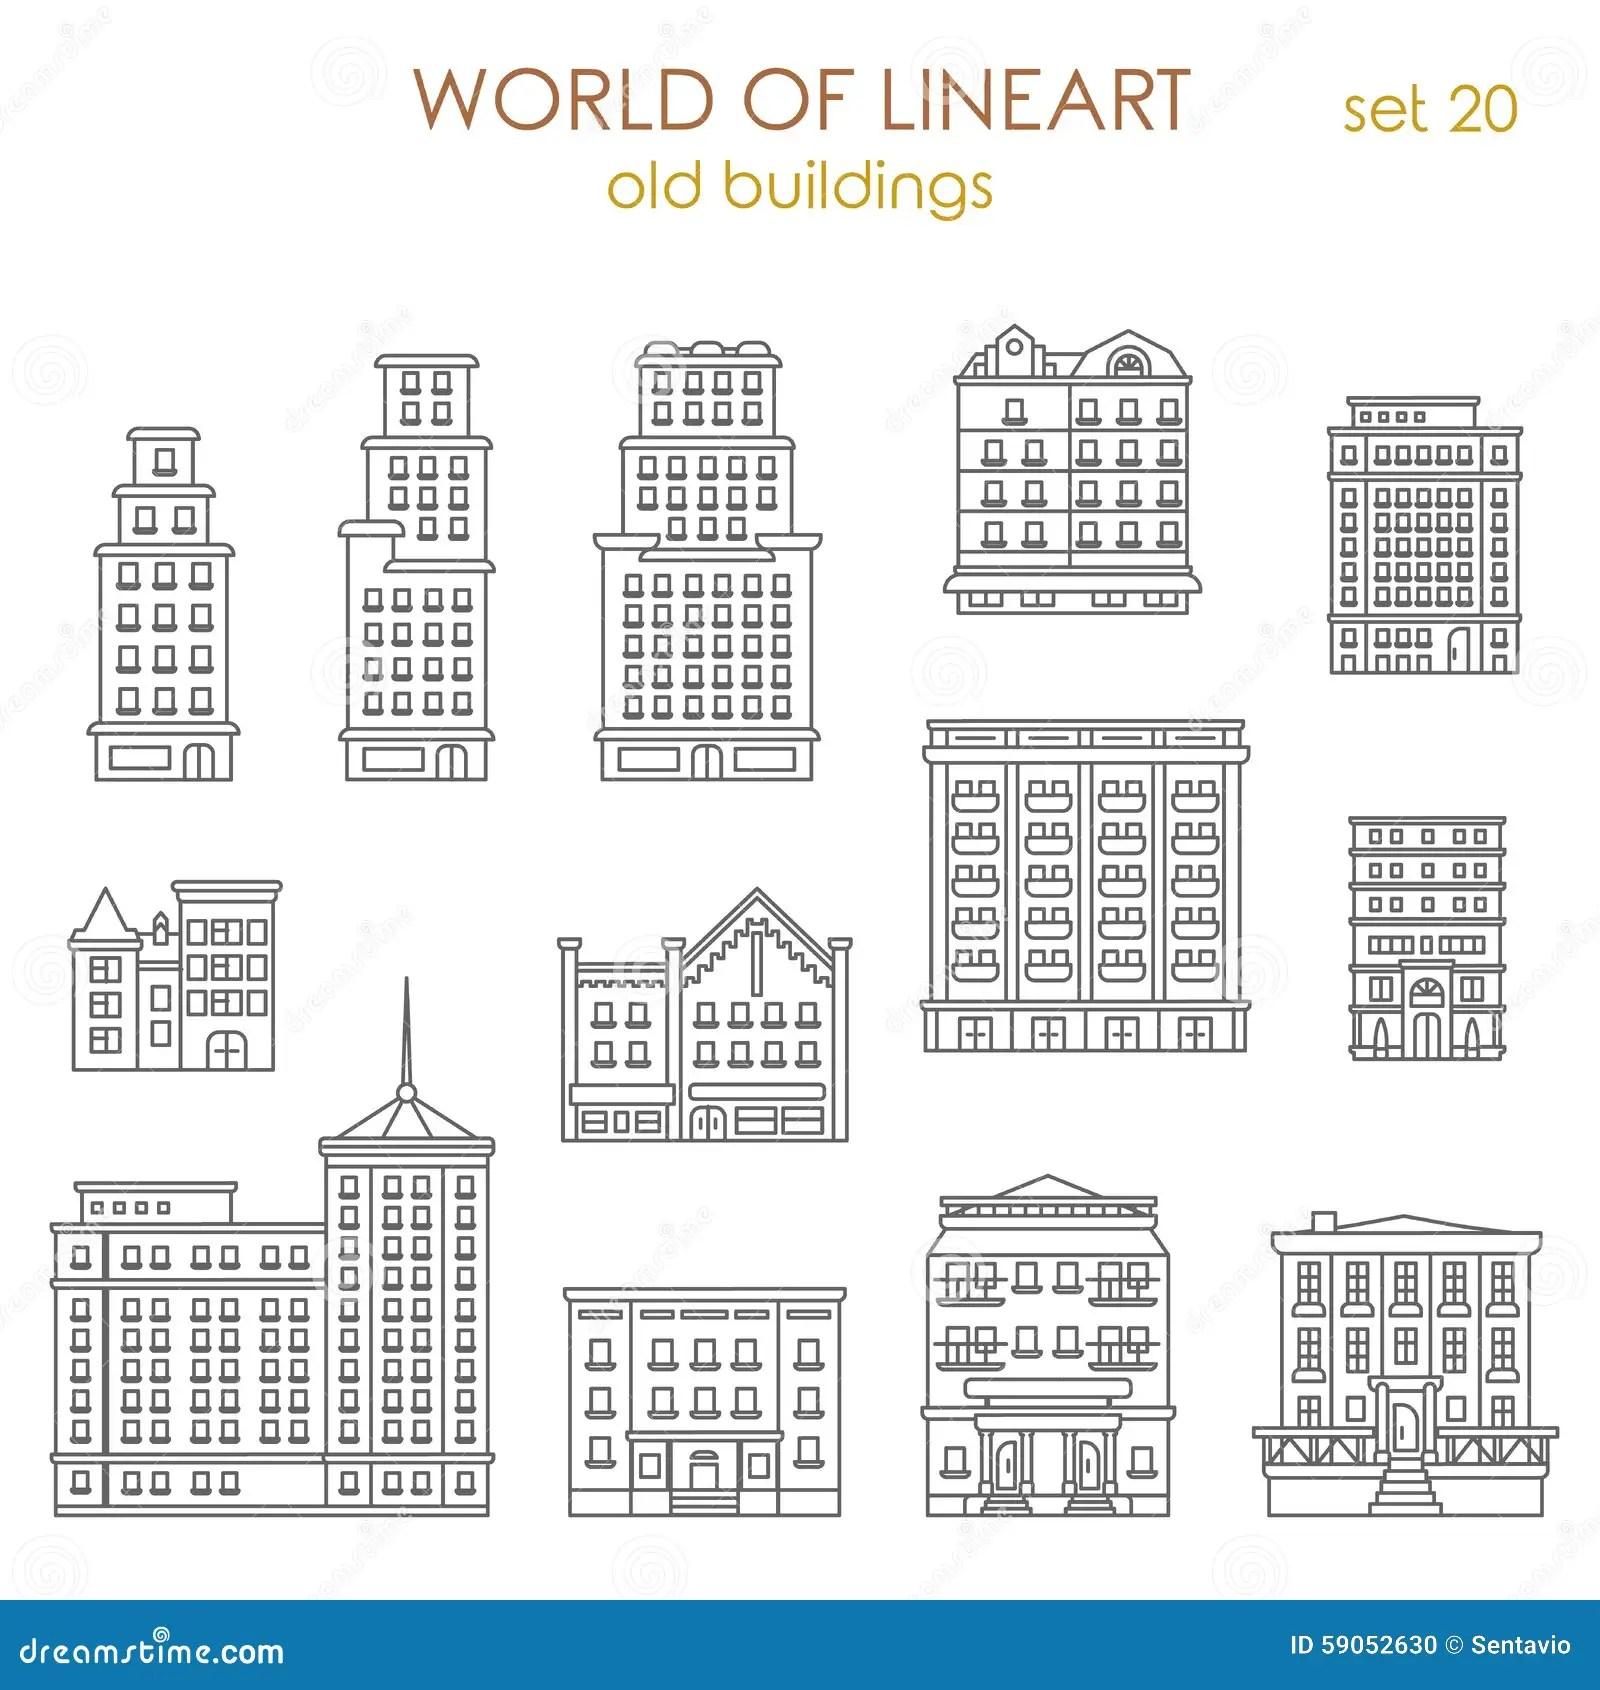 Vektor For Lineart For Historiska Gamla Byggnader For